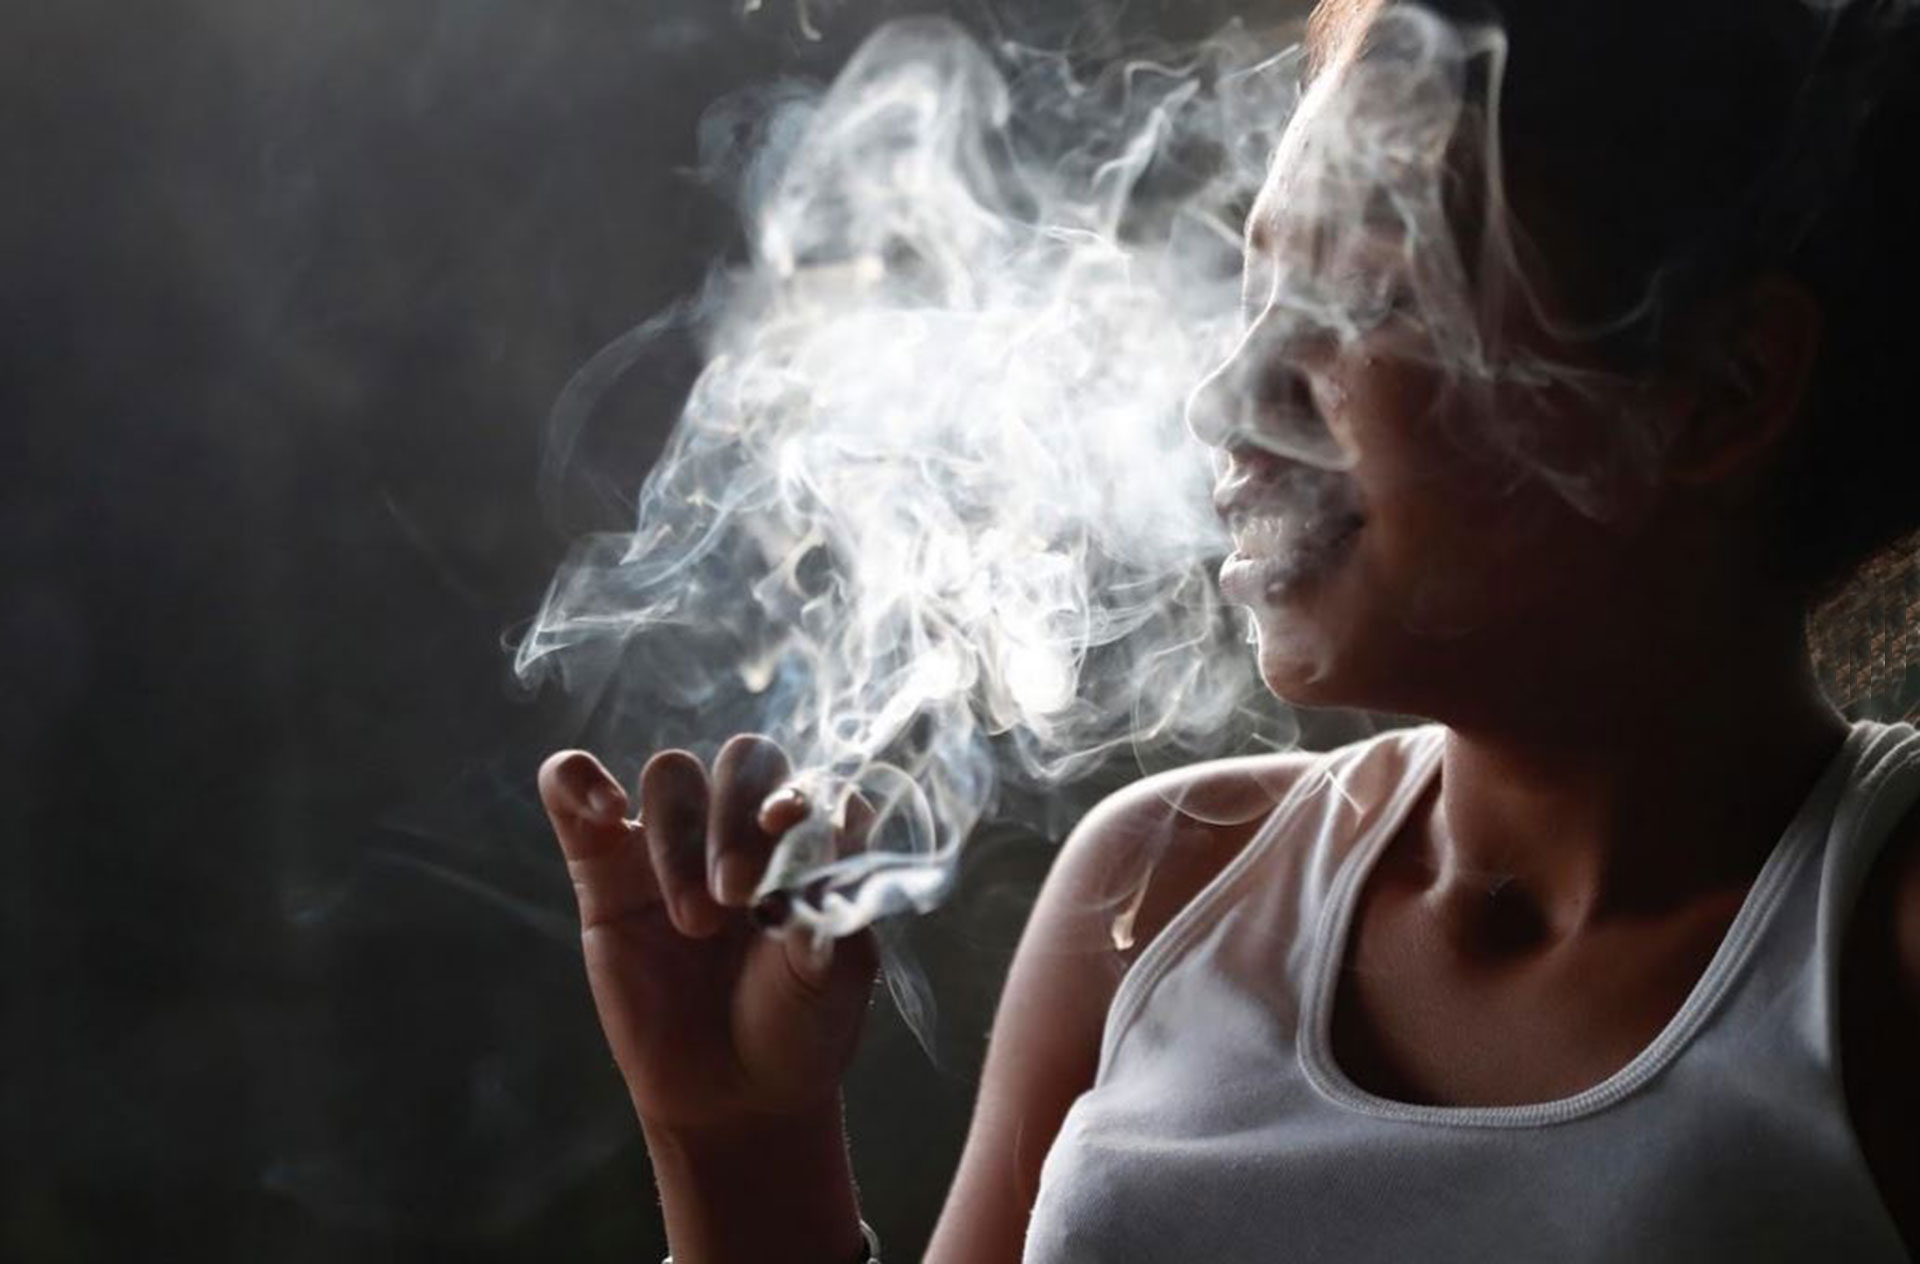 Una mujer fuma marihuana que le compró a los pandilleros